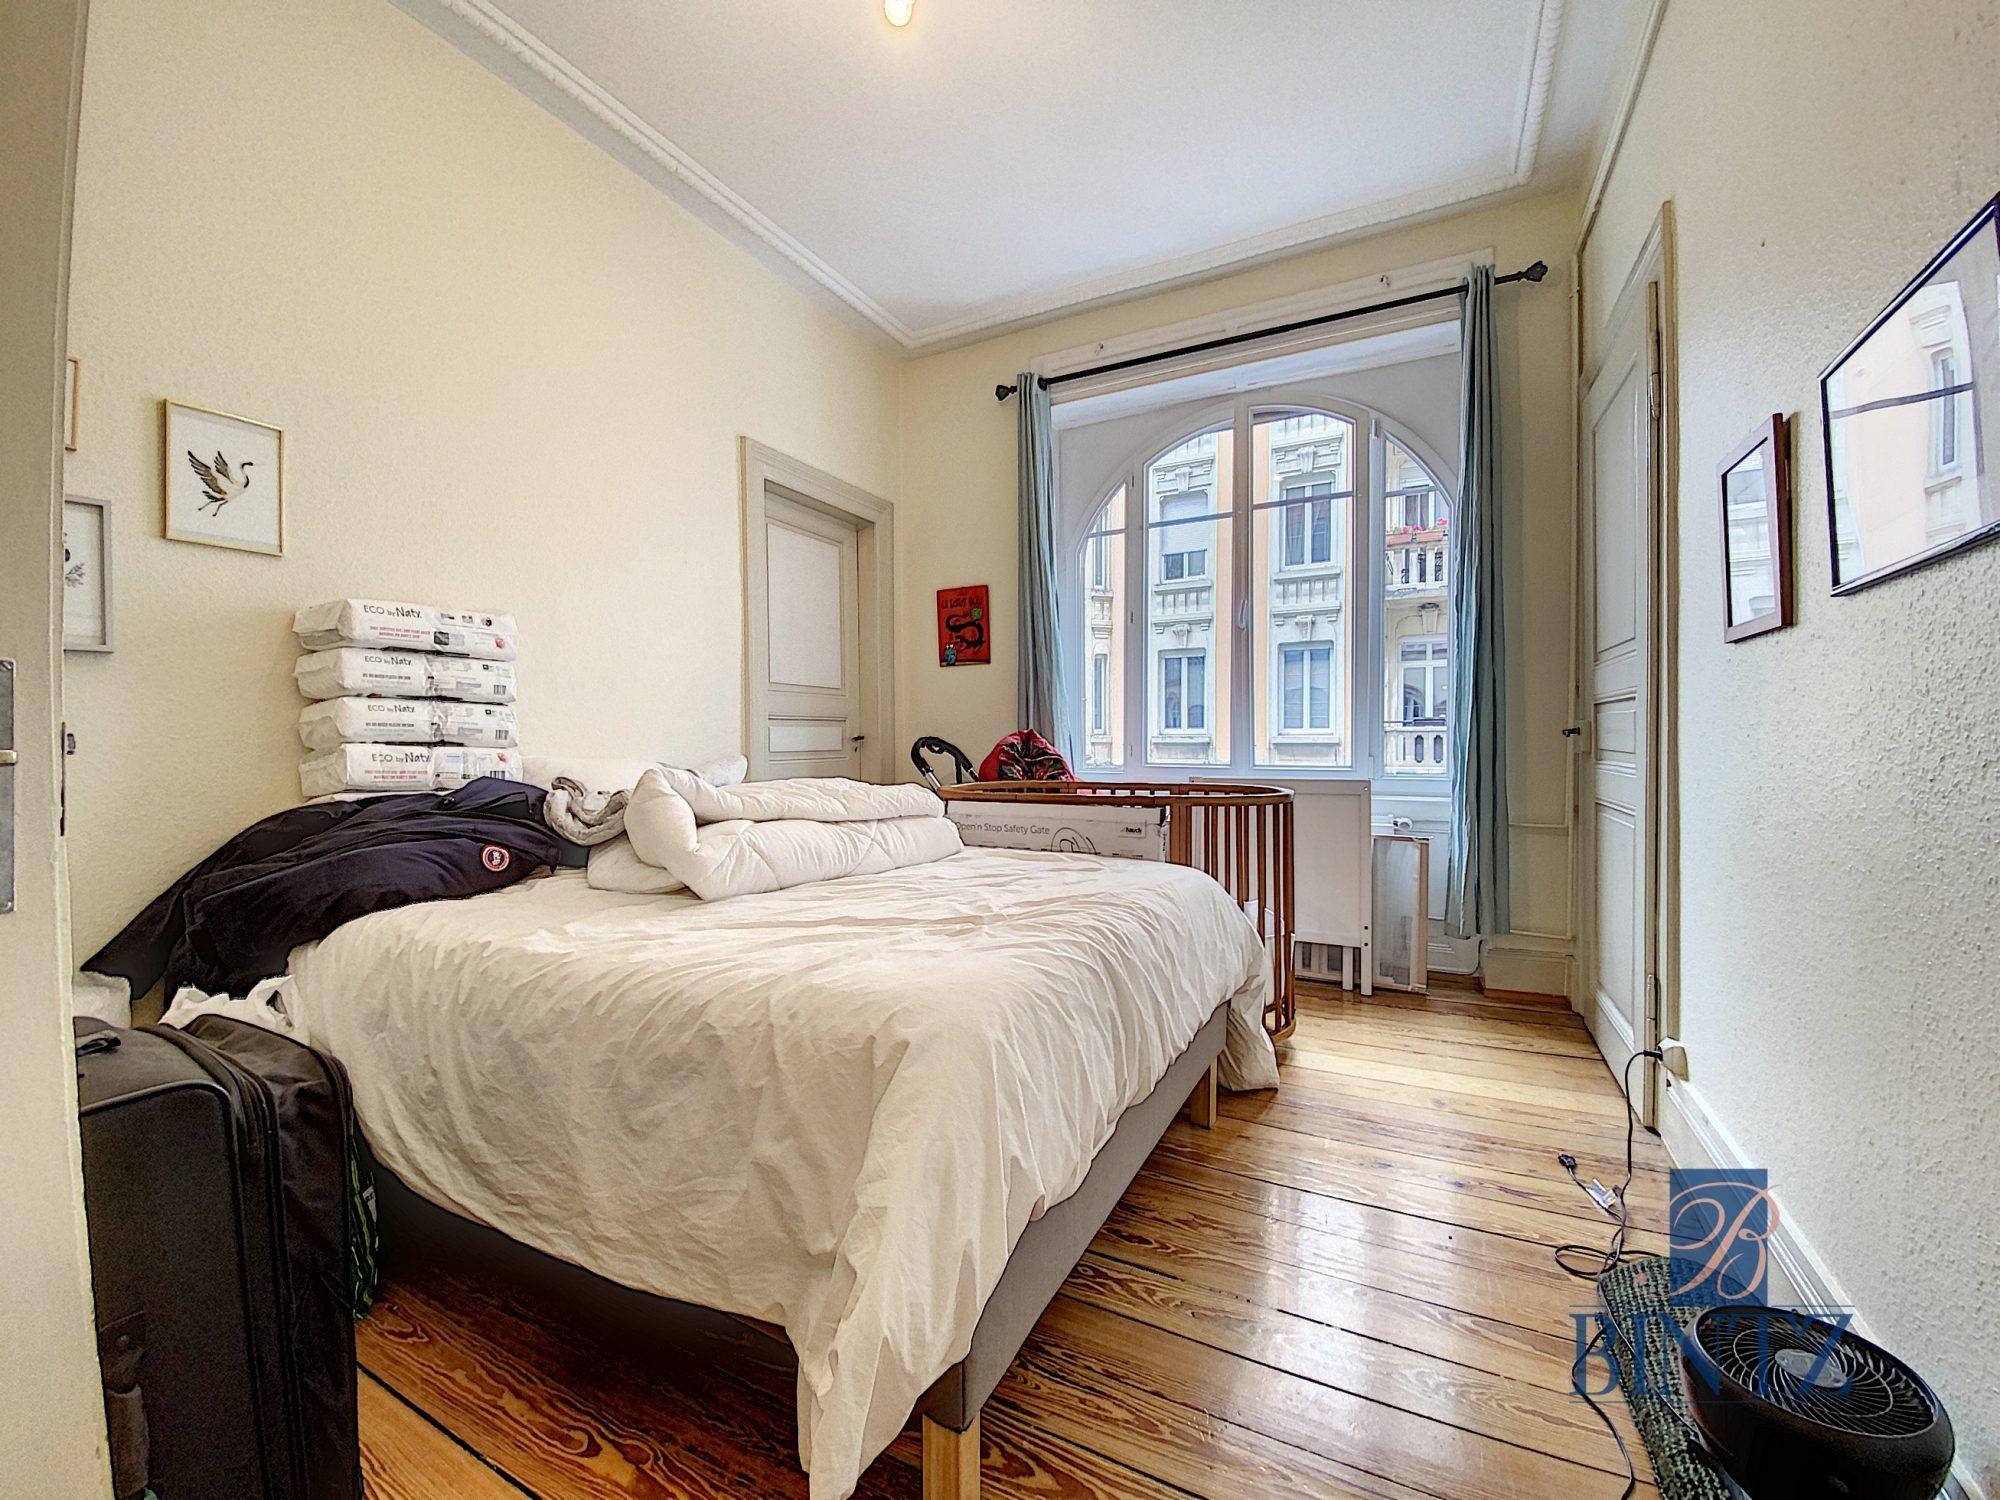 T4 PROCHE ORANGERIE - Devenez locataire en toute sérénité - Bintz Immobilier - 6